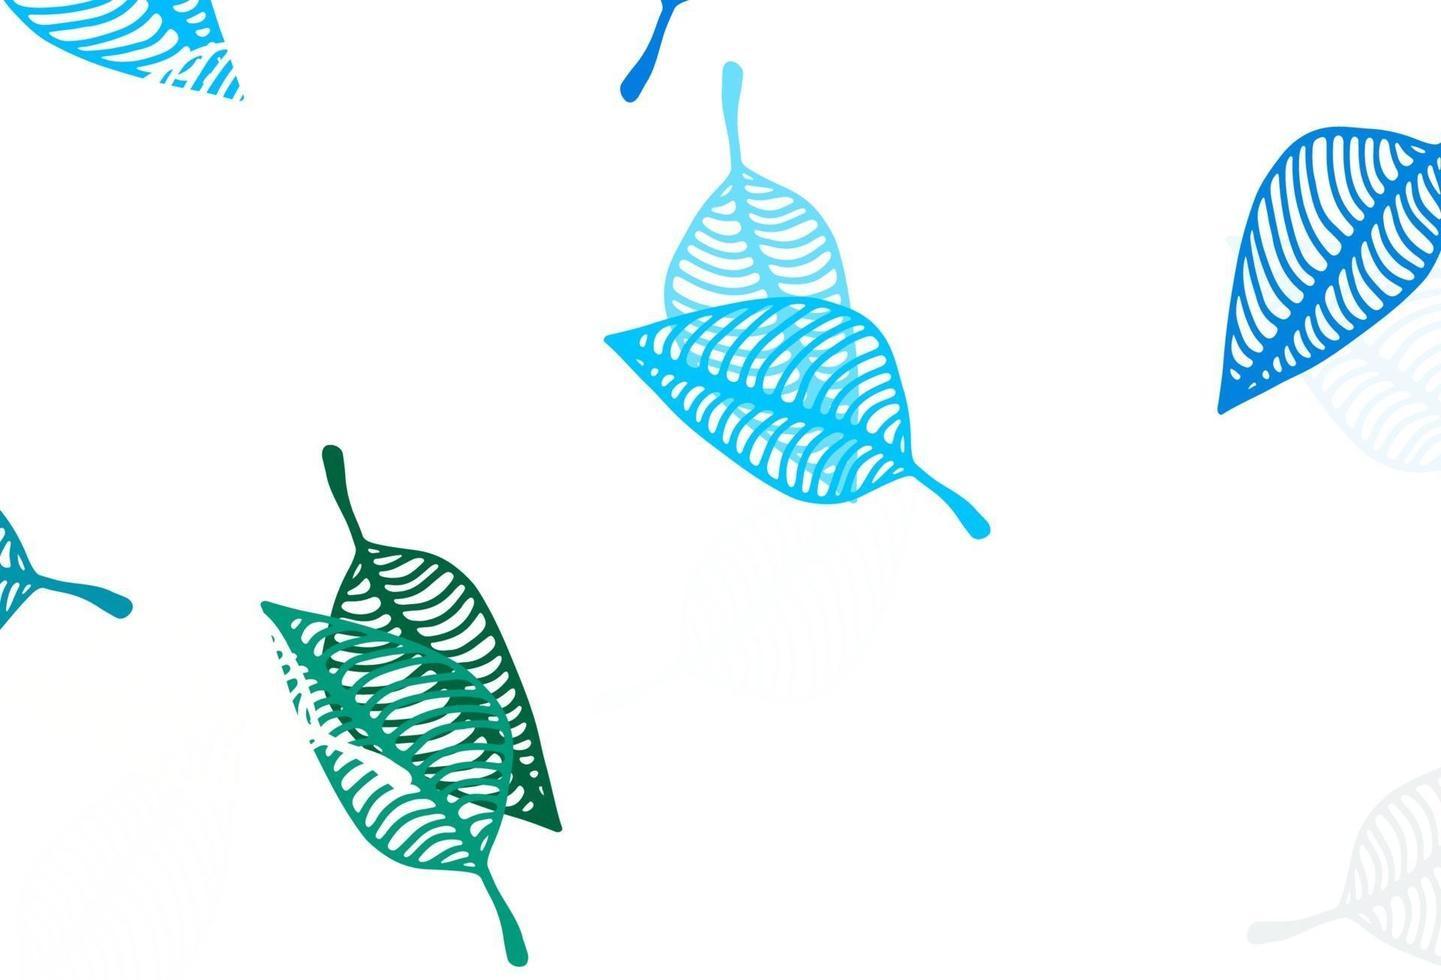 modelo de desenho de vetor azul claro e verde.